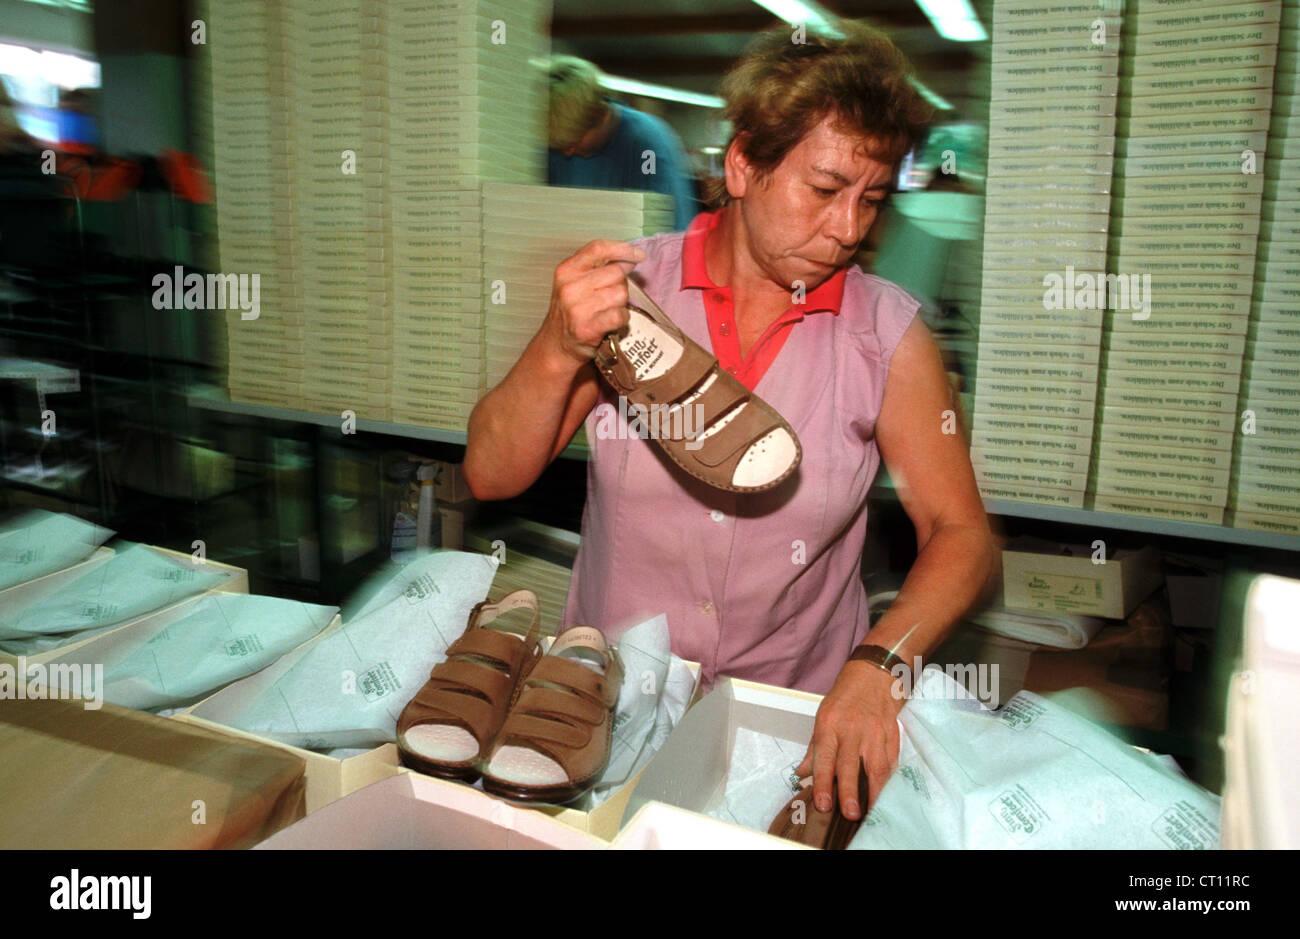 WALDI Schuhfabrik in Haßfurt am Main Stockfoto, Bild ...